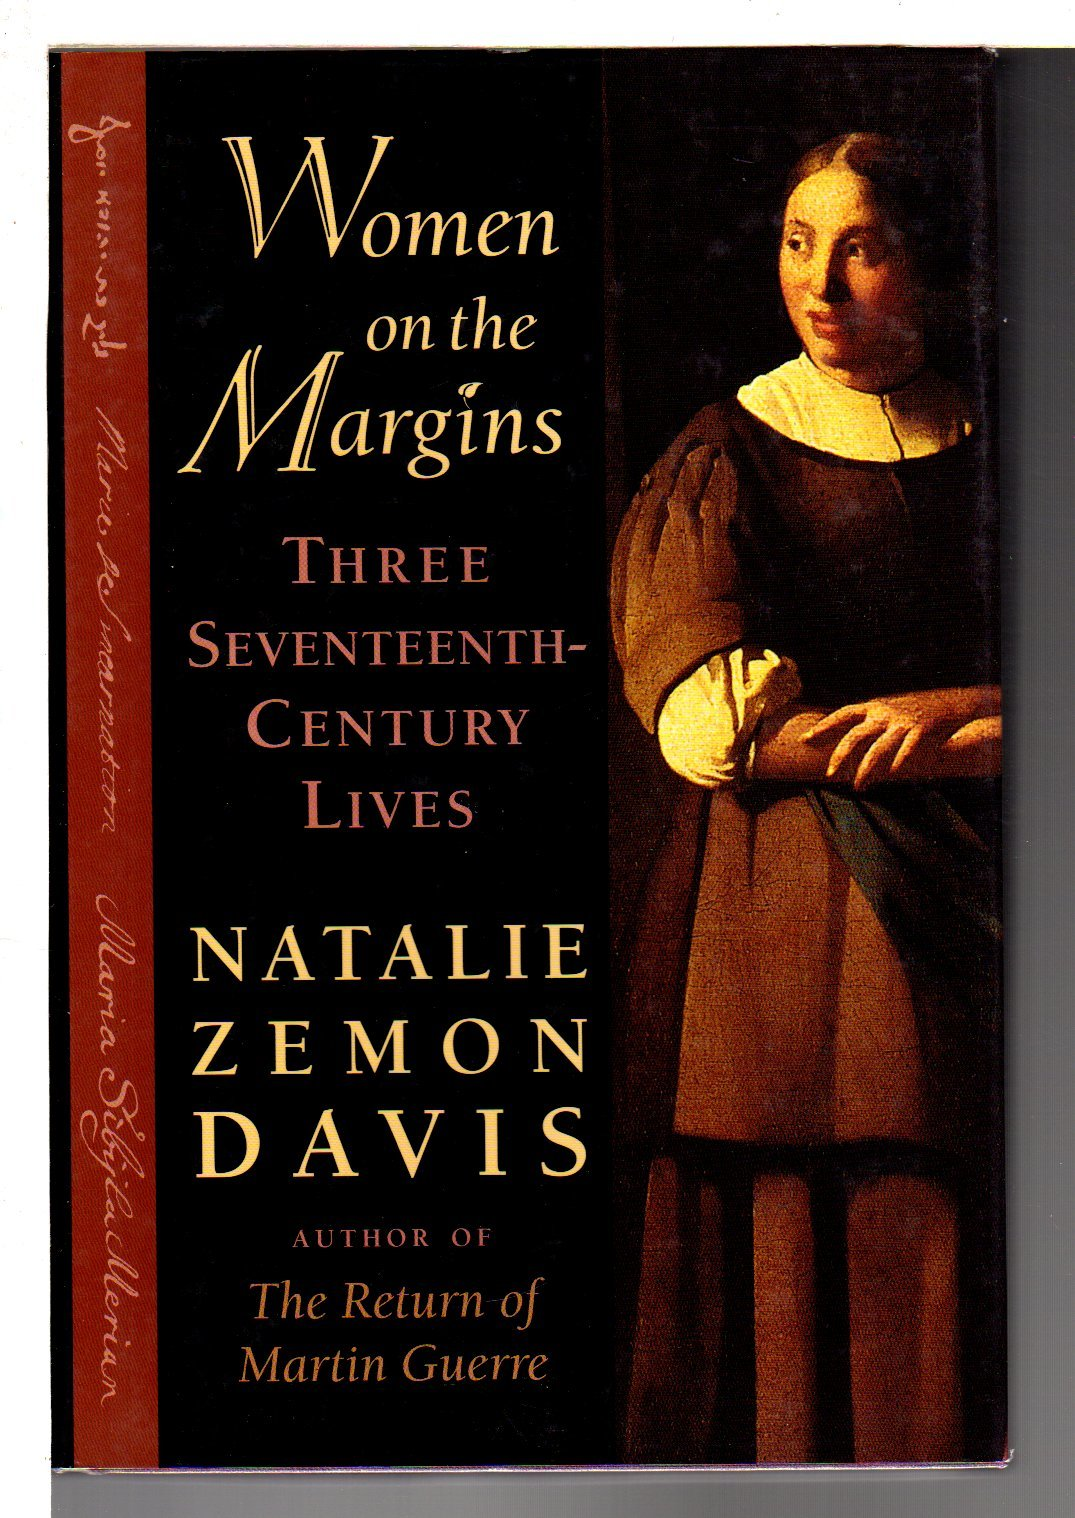 DAVIS, NATALIE ZEMON. - WOMEN ON THE MARGINS: THREE SEVENTEENTH CENTURY LIVES.